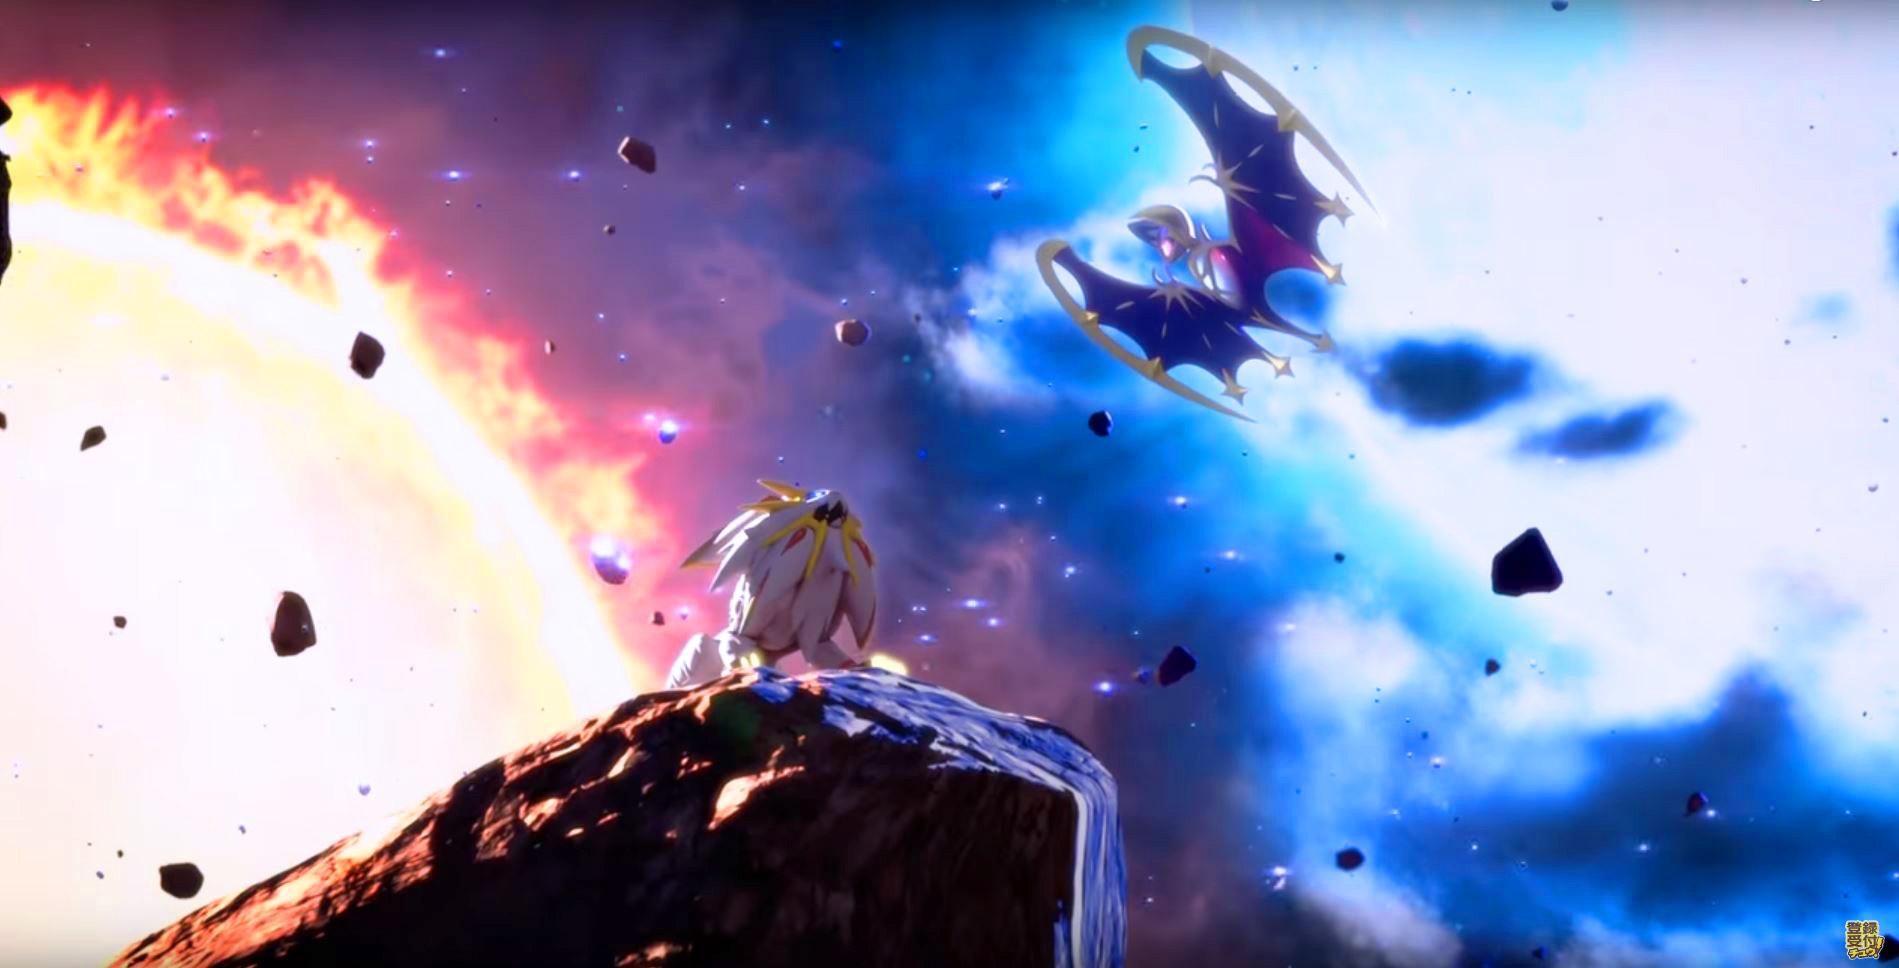 Pokémon Sonne und Mond: Neuer Action-Trailer zeigt Pokémon-Kämpfe und Charaktere